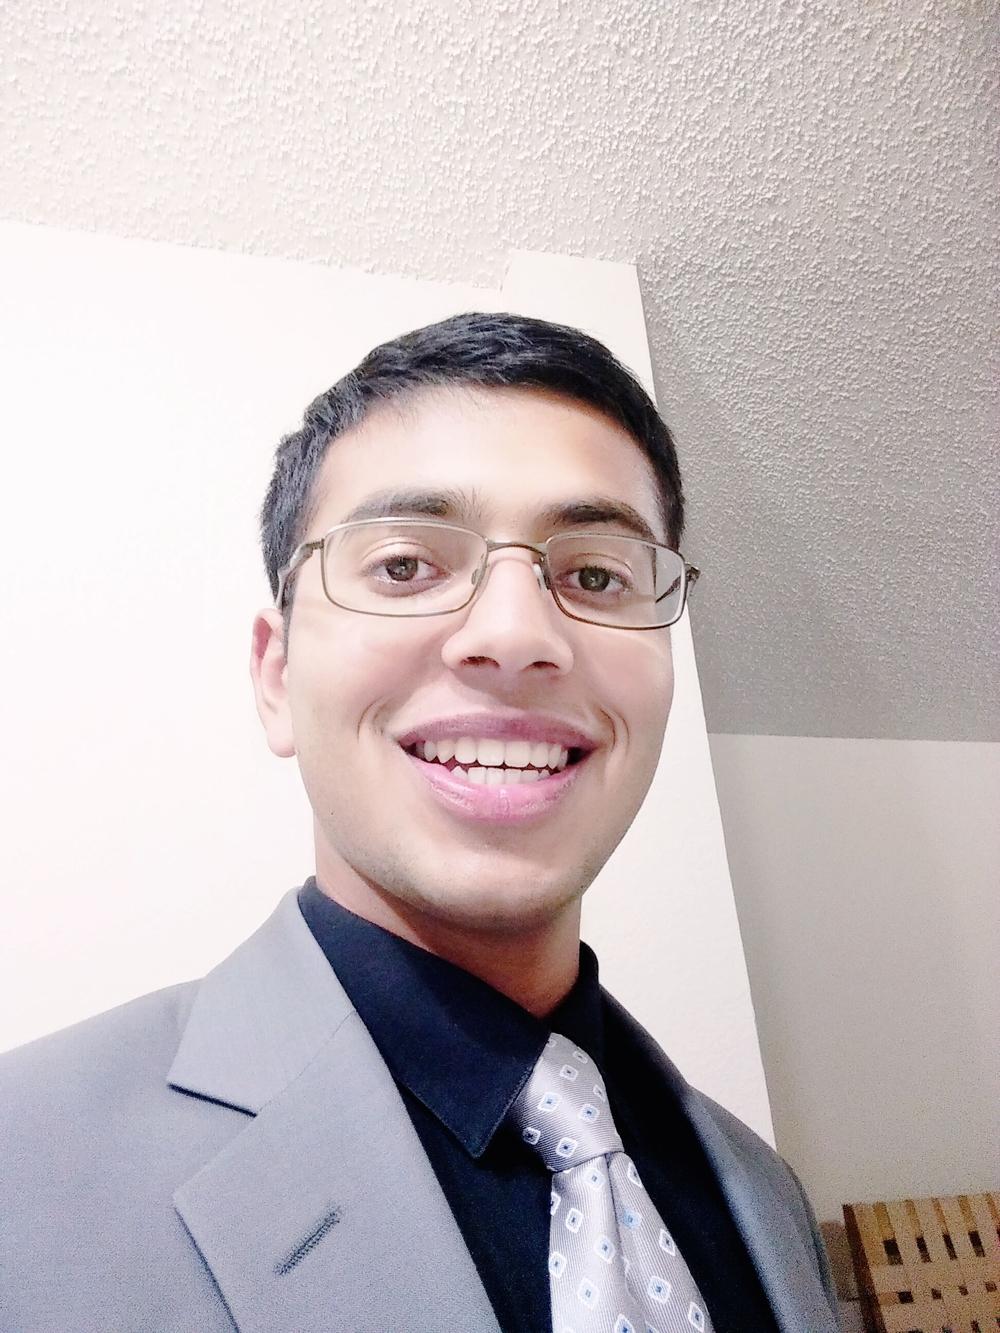 Rishabh Thakkar  Senior at Plano East Senior High School